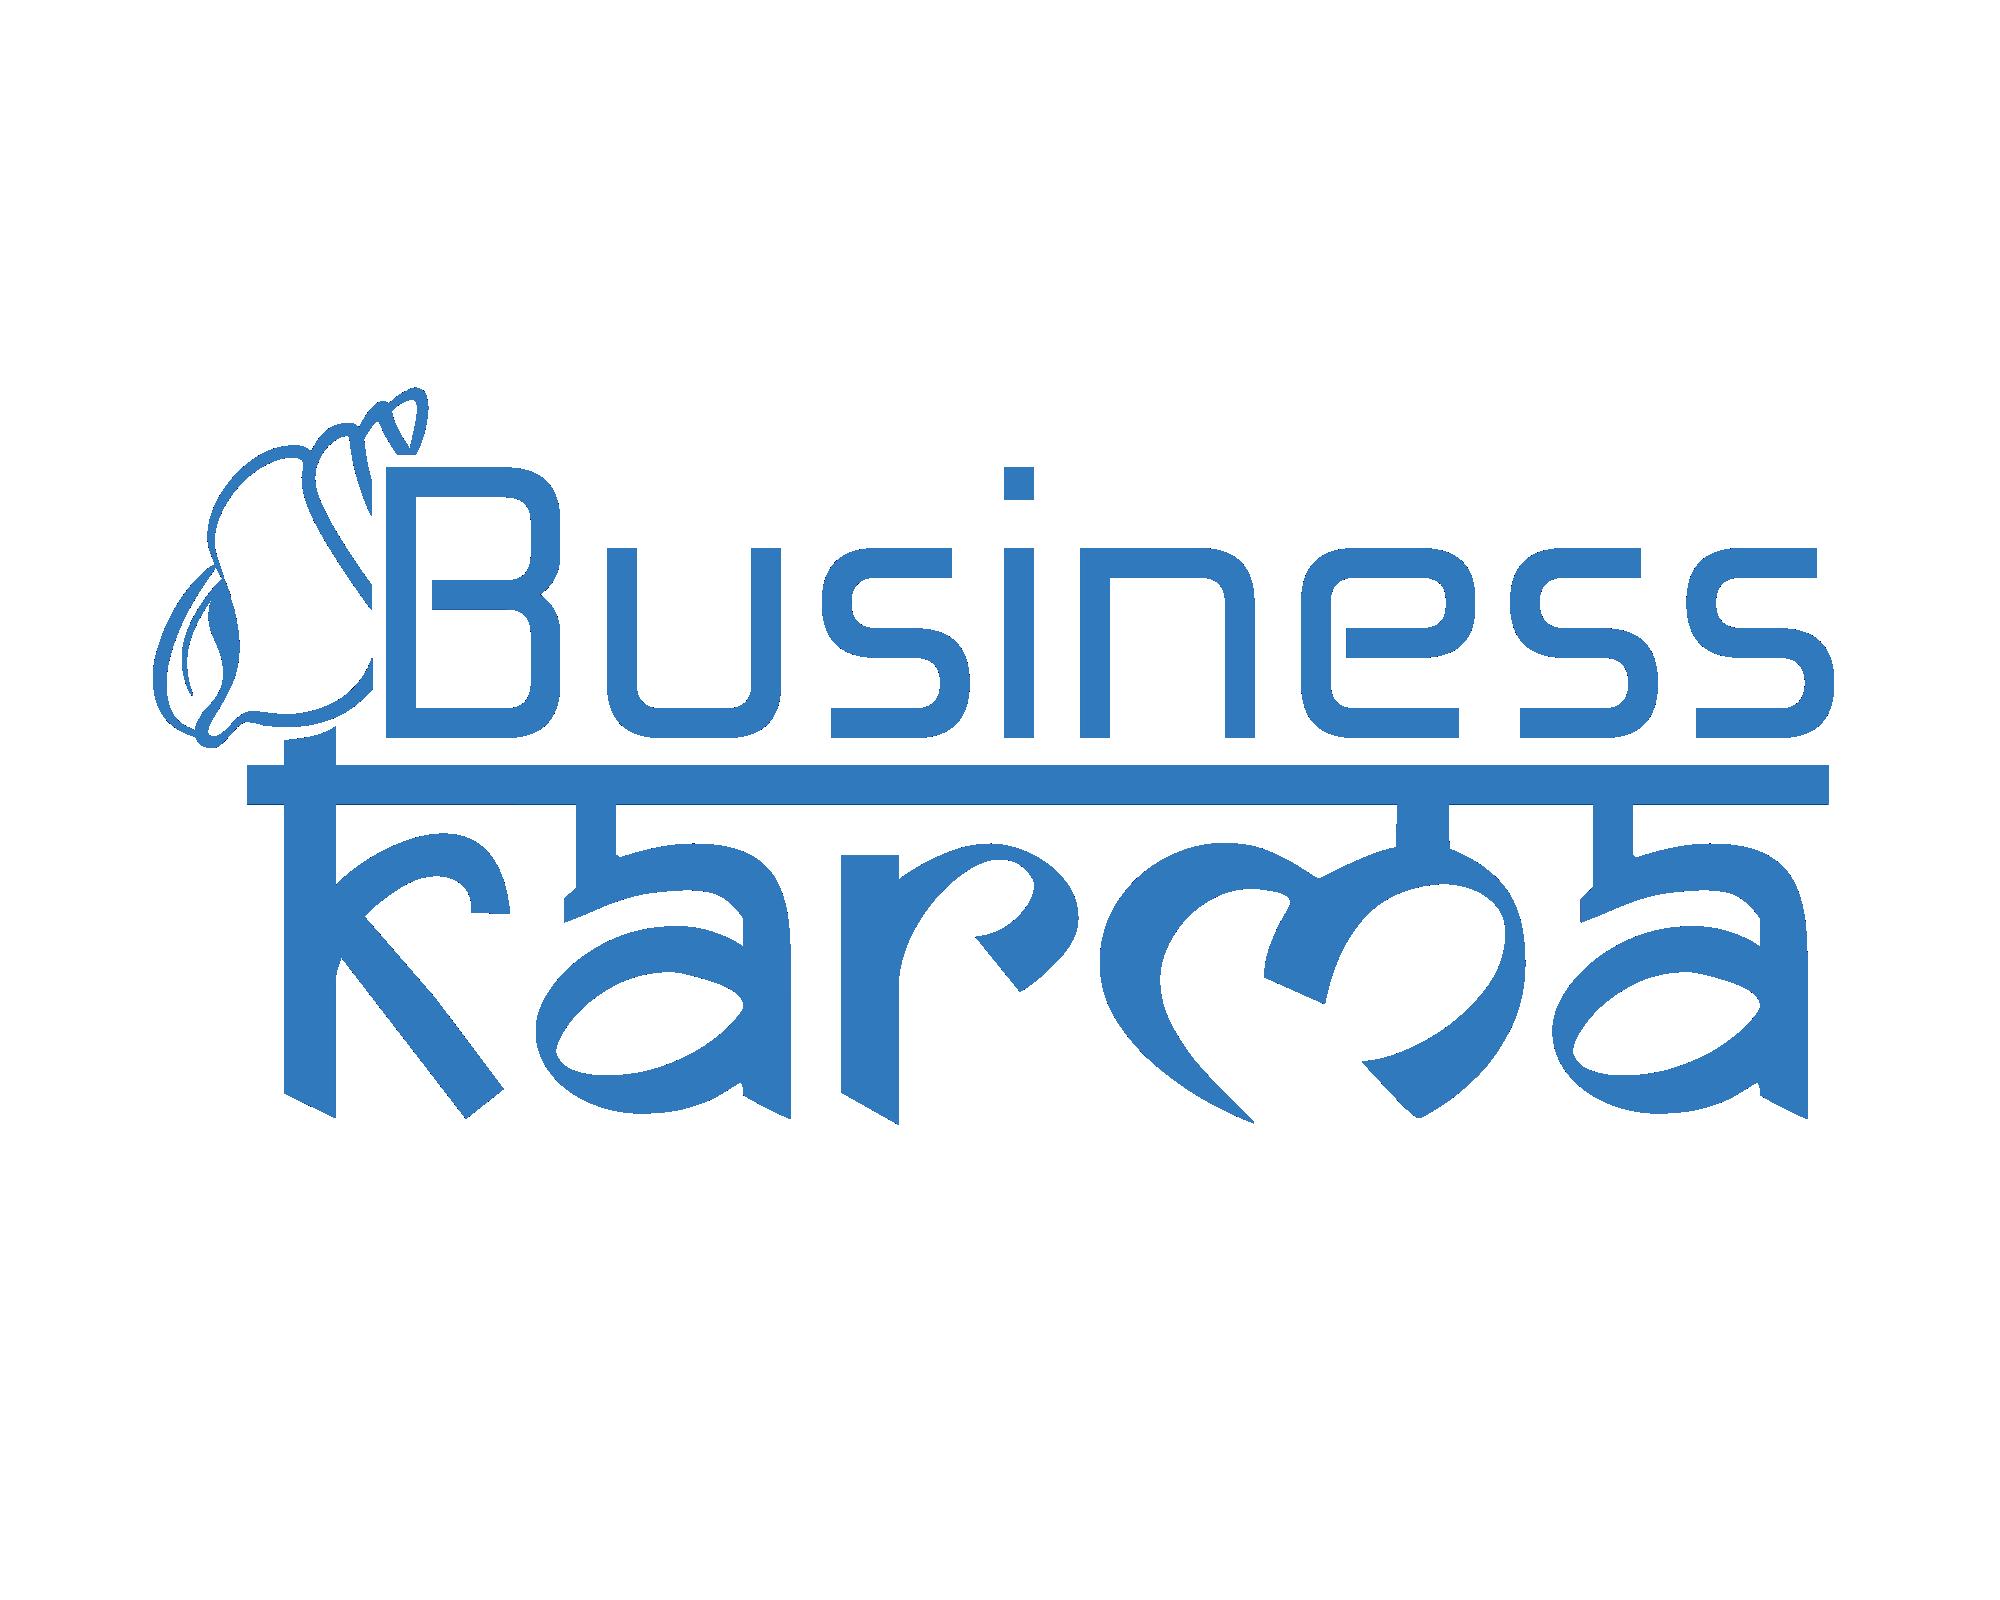 business karma transparent logo